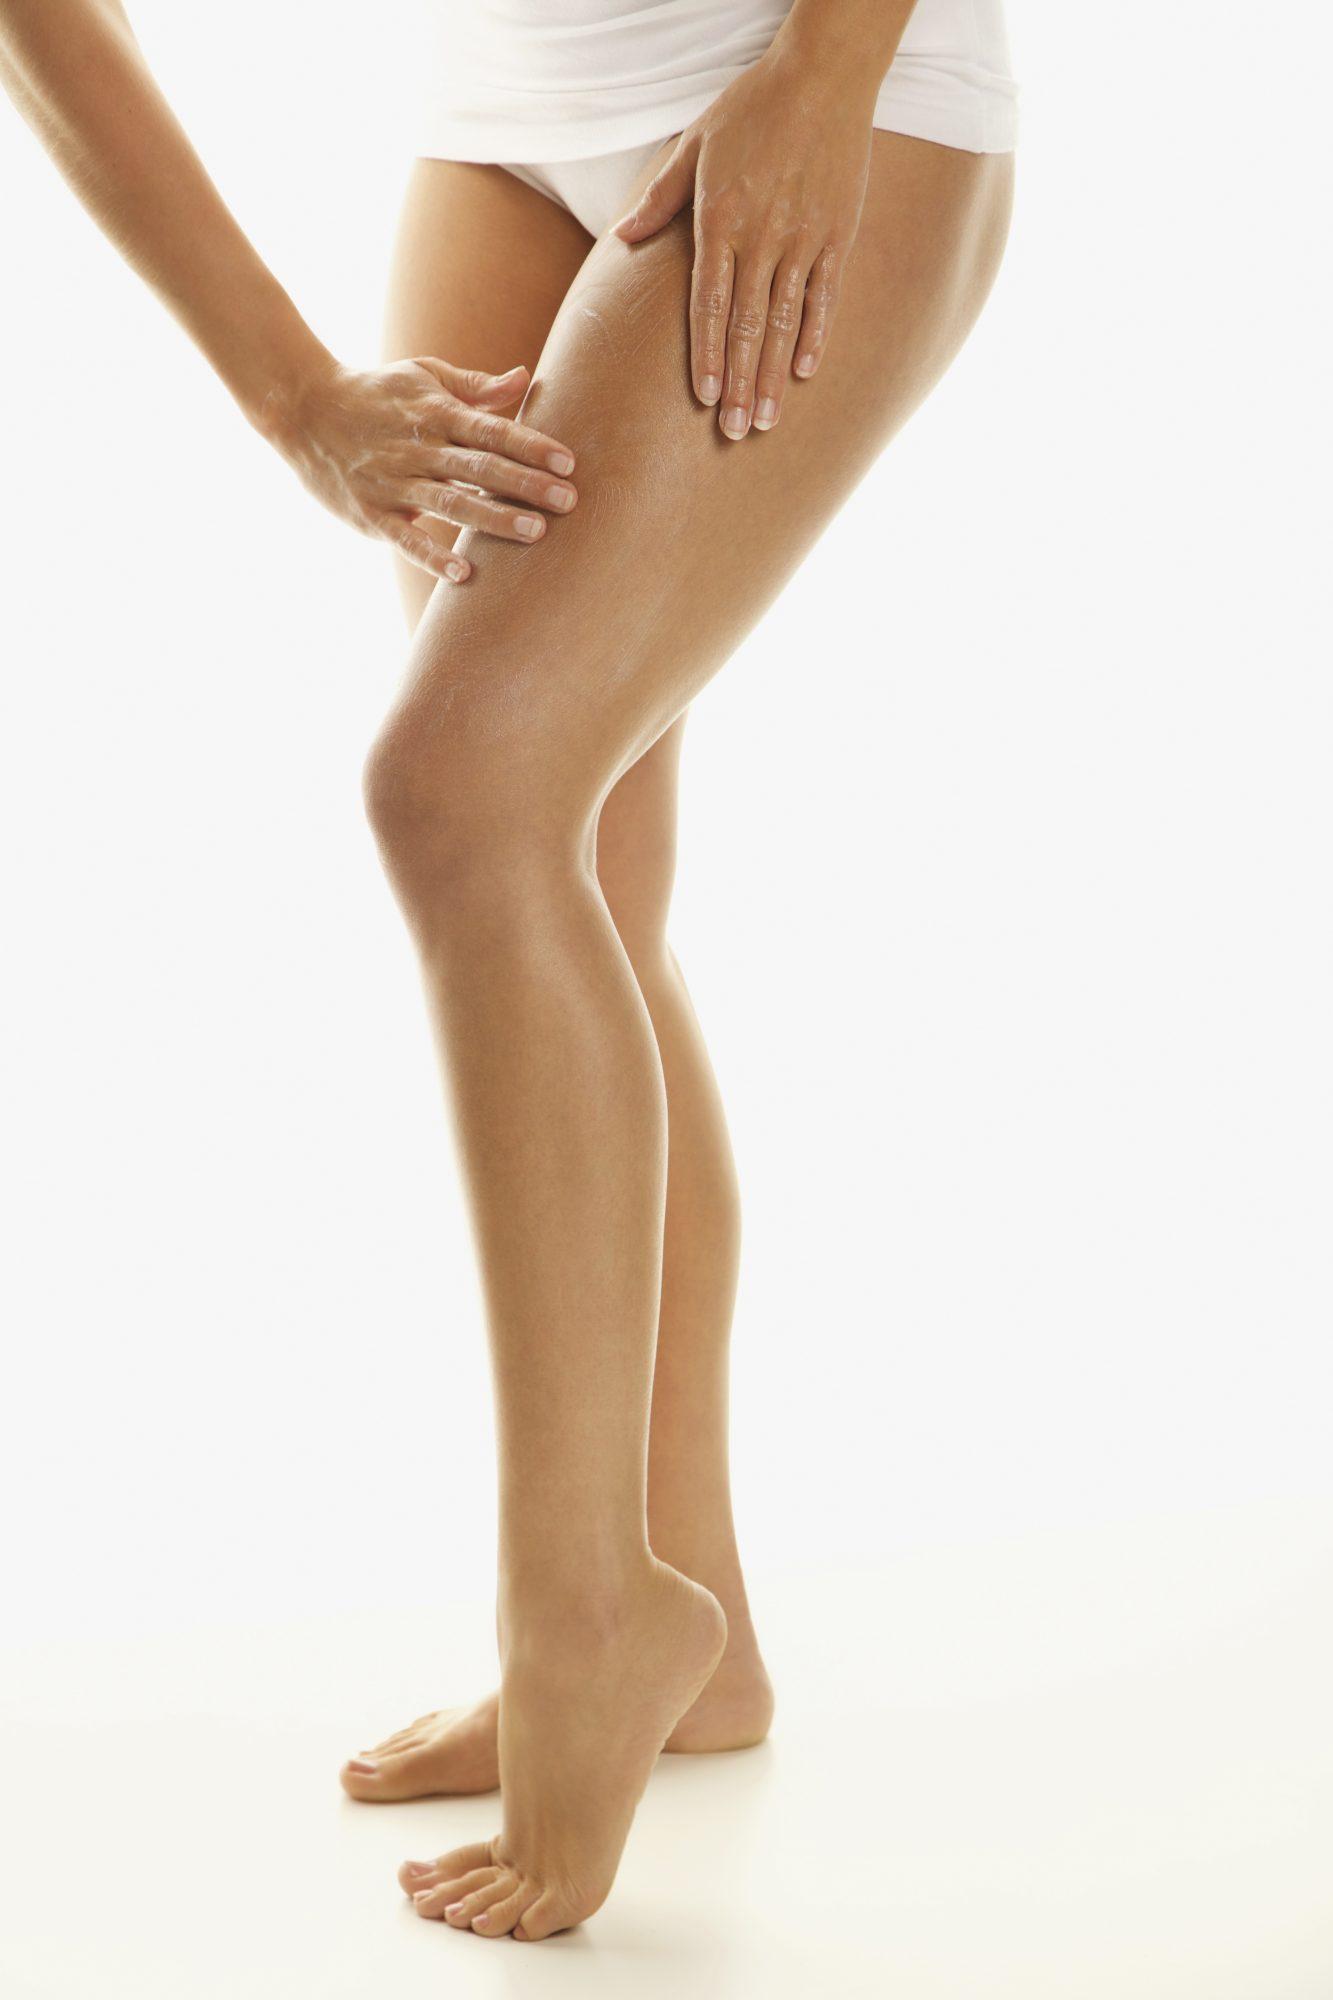 piernas, varices, arañas vasculares